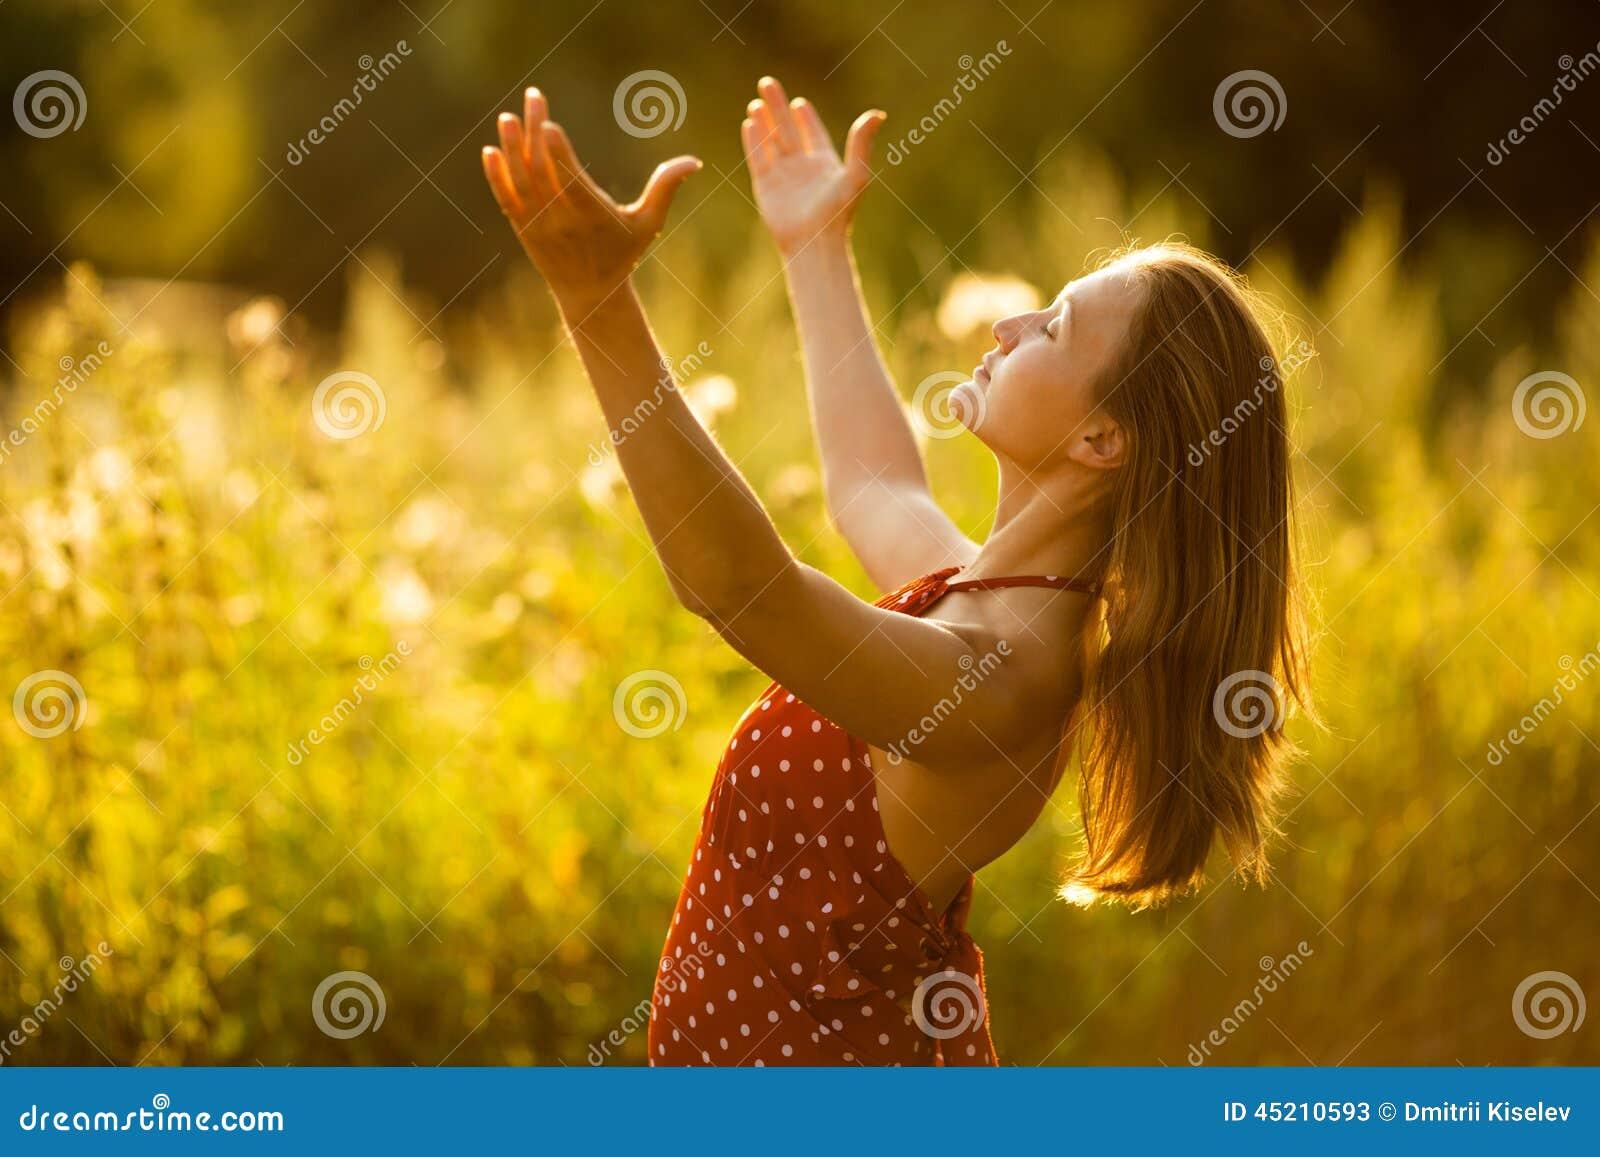 https://thumbs.dreamstime.com/z/kobieta-w-stanie-b%C5%82ogo%C5%9B%C4%87-45210593.jpg